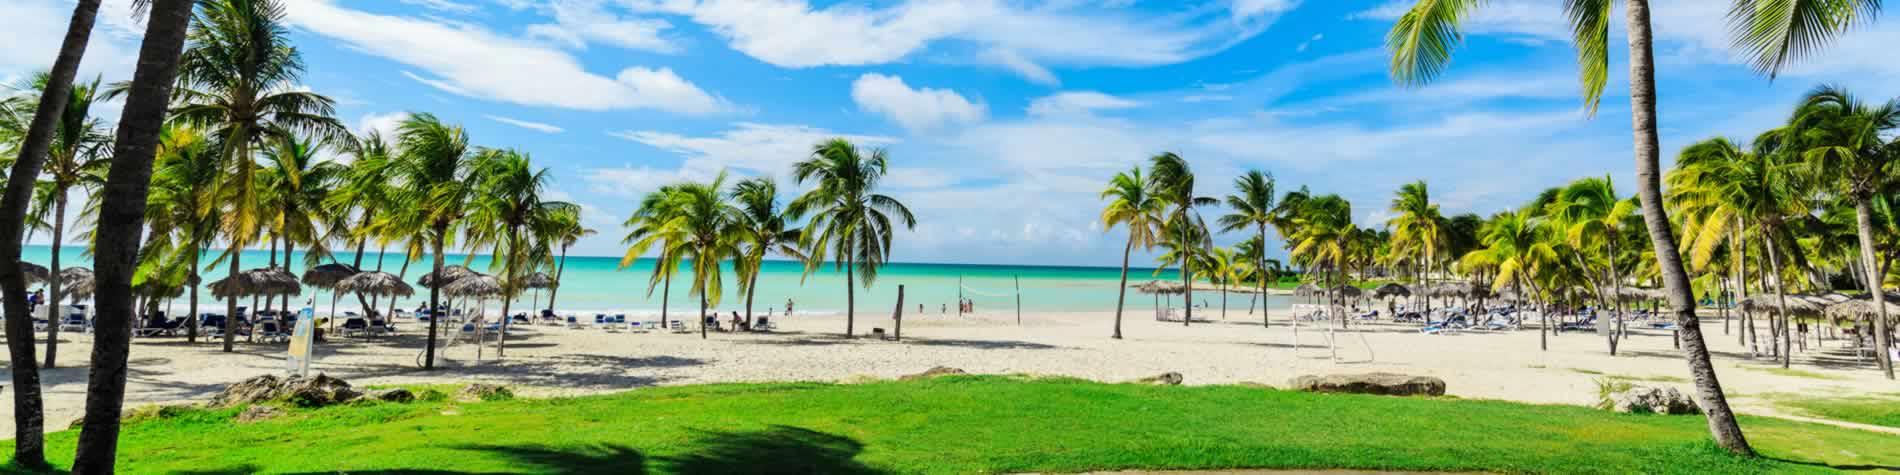 View of the beach at Paradisus Varadero resort